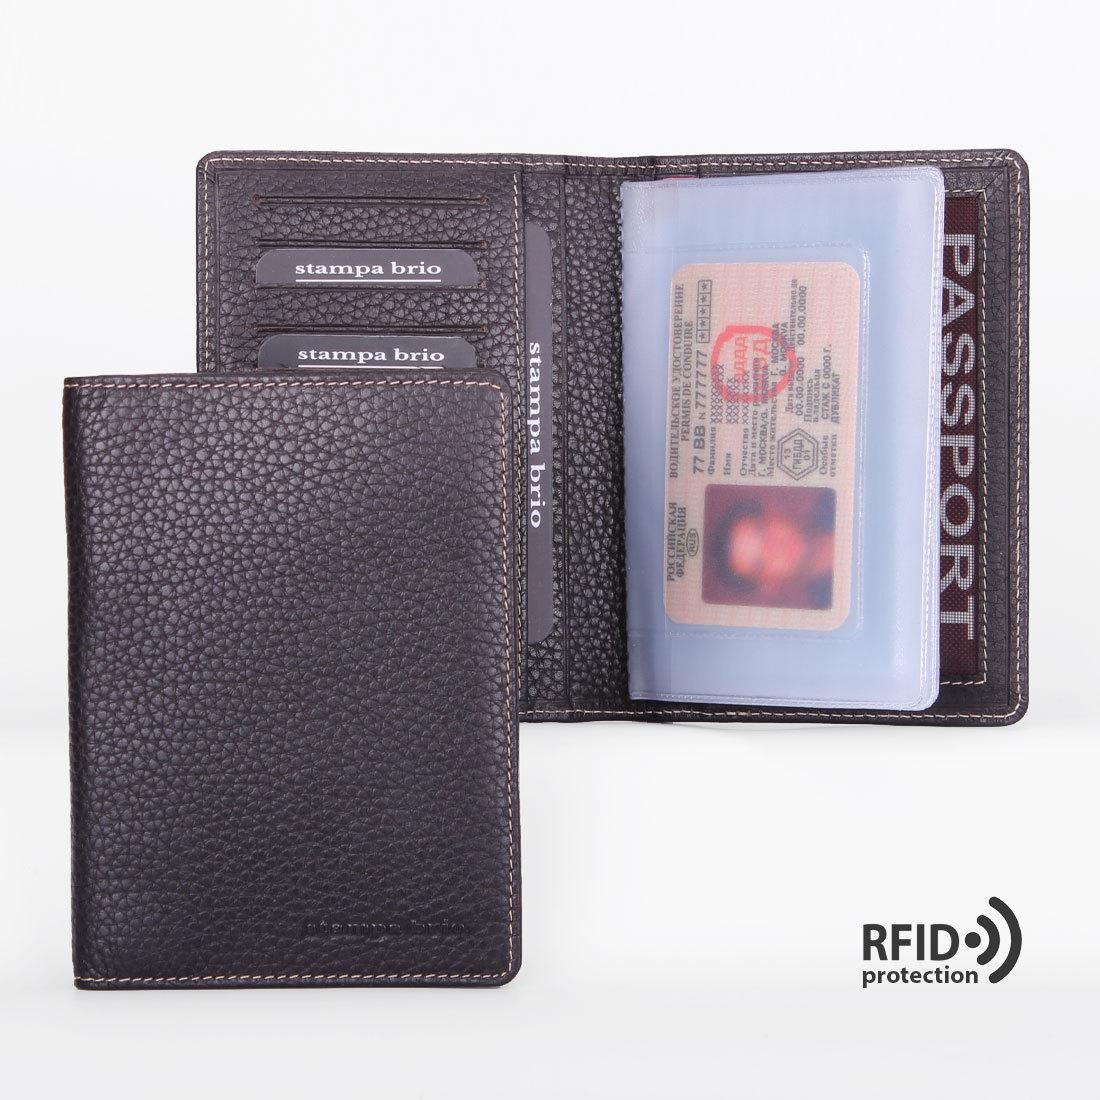 109 R - Обложка для документов с RFID защитой